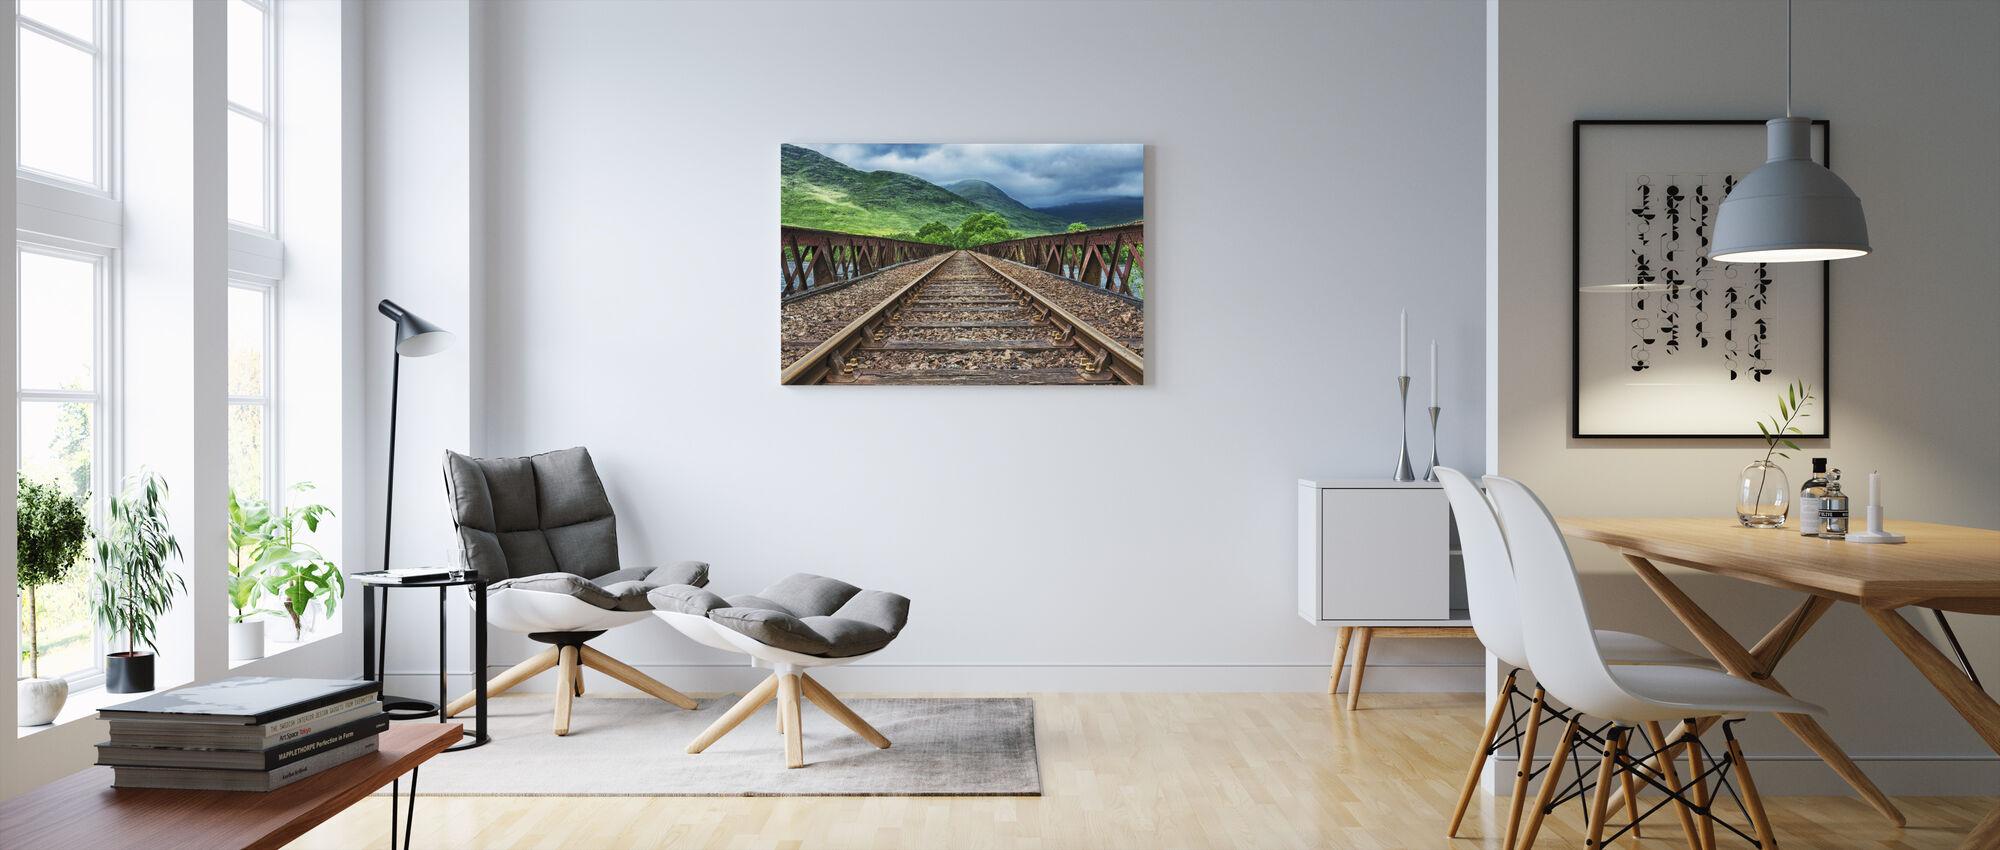 Jernbanebro spor - Billede på lærred - Stue